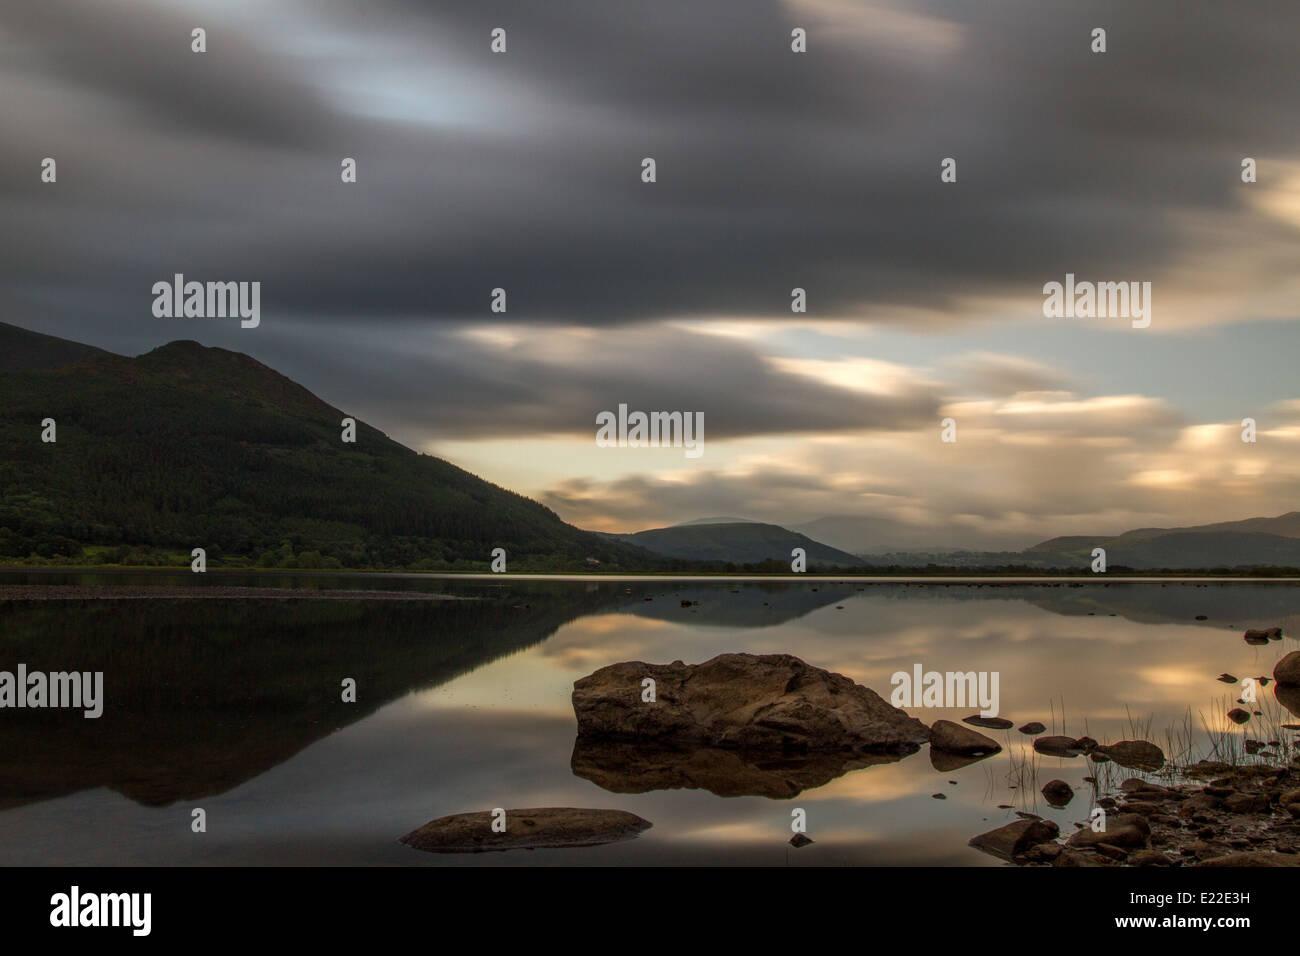 Inspirierendes Bild des Bassenthwaite Lake und Skiddaw bei Sonnenaufgang, Lake District, Großbritannien Stockbild